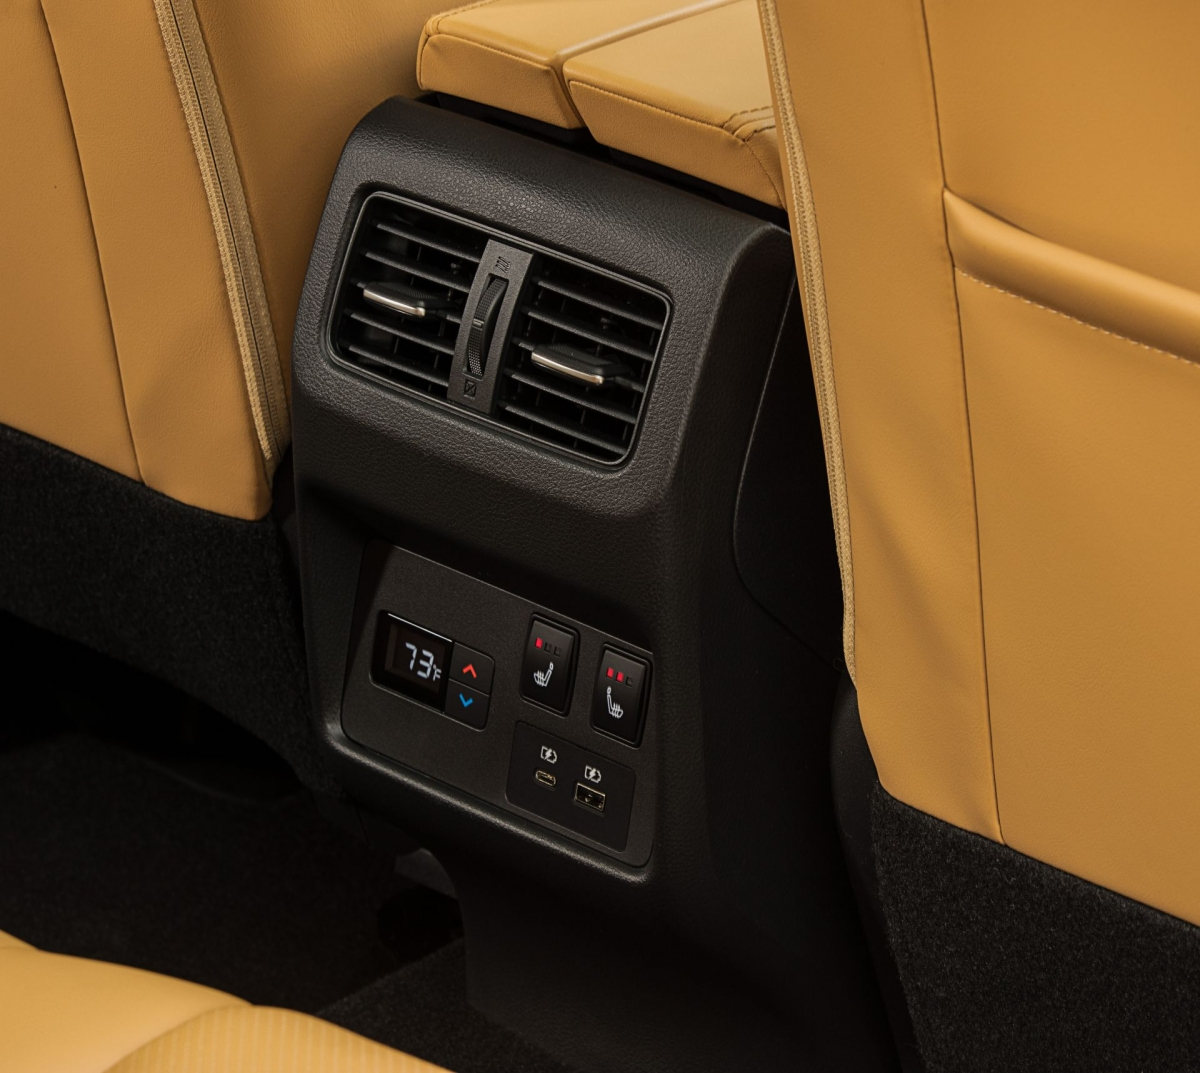 Các tính năng có sẵn bao gồm Hỗ trợ lái xe ProPilot với Navi-link, chìa khóa thông minh Nissan mở rộng đến cửa sau, hệ thống kiểm soát khí hậu ba vùng độc quyền và sạc không dây.